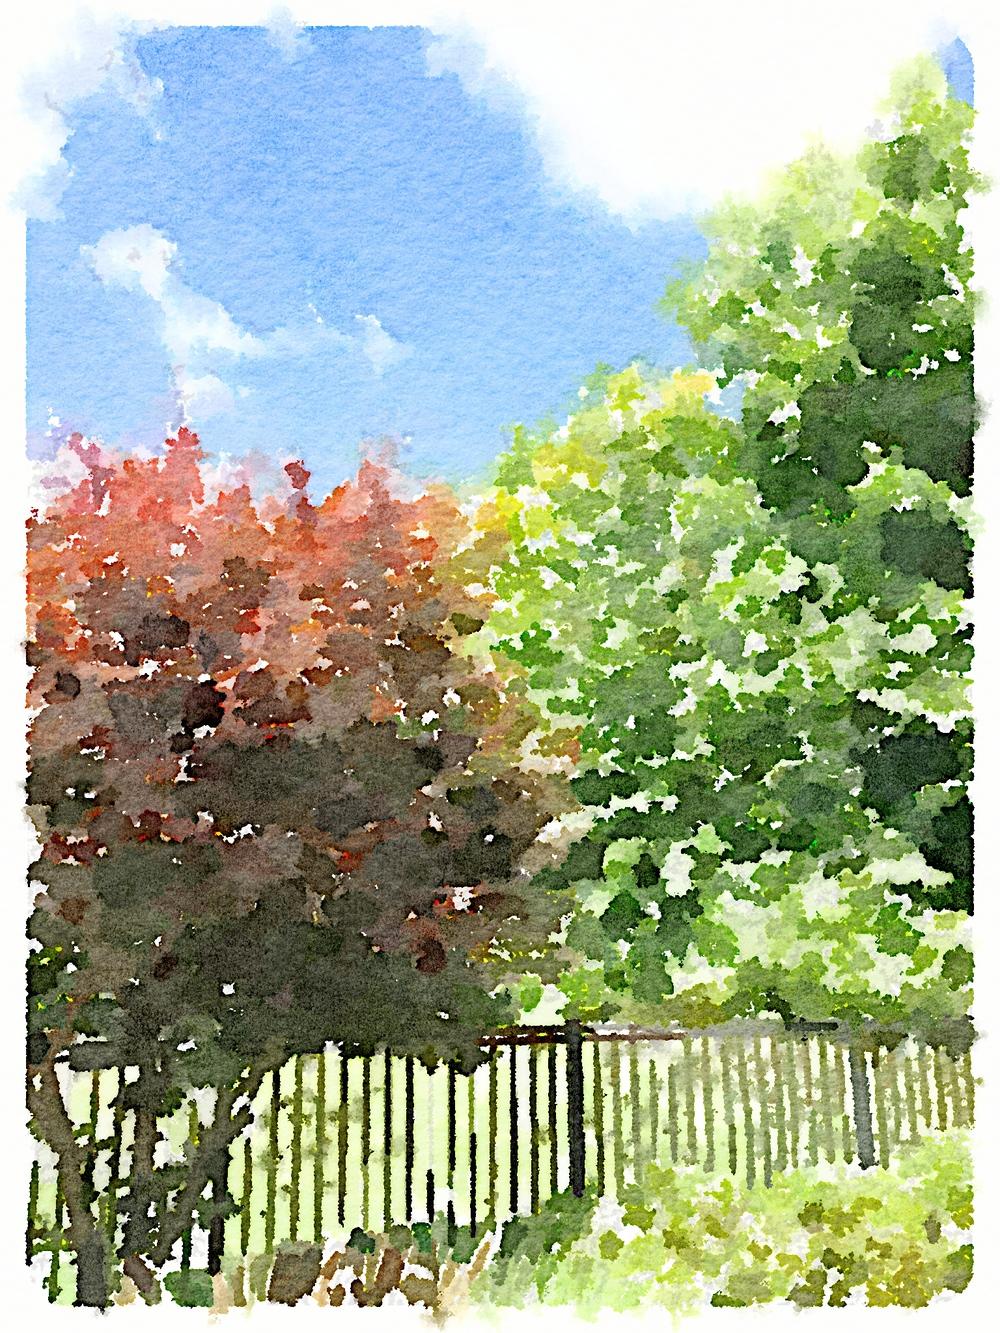 2014-08-28 12.35.58.jpg